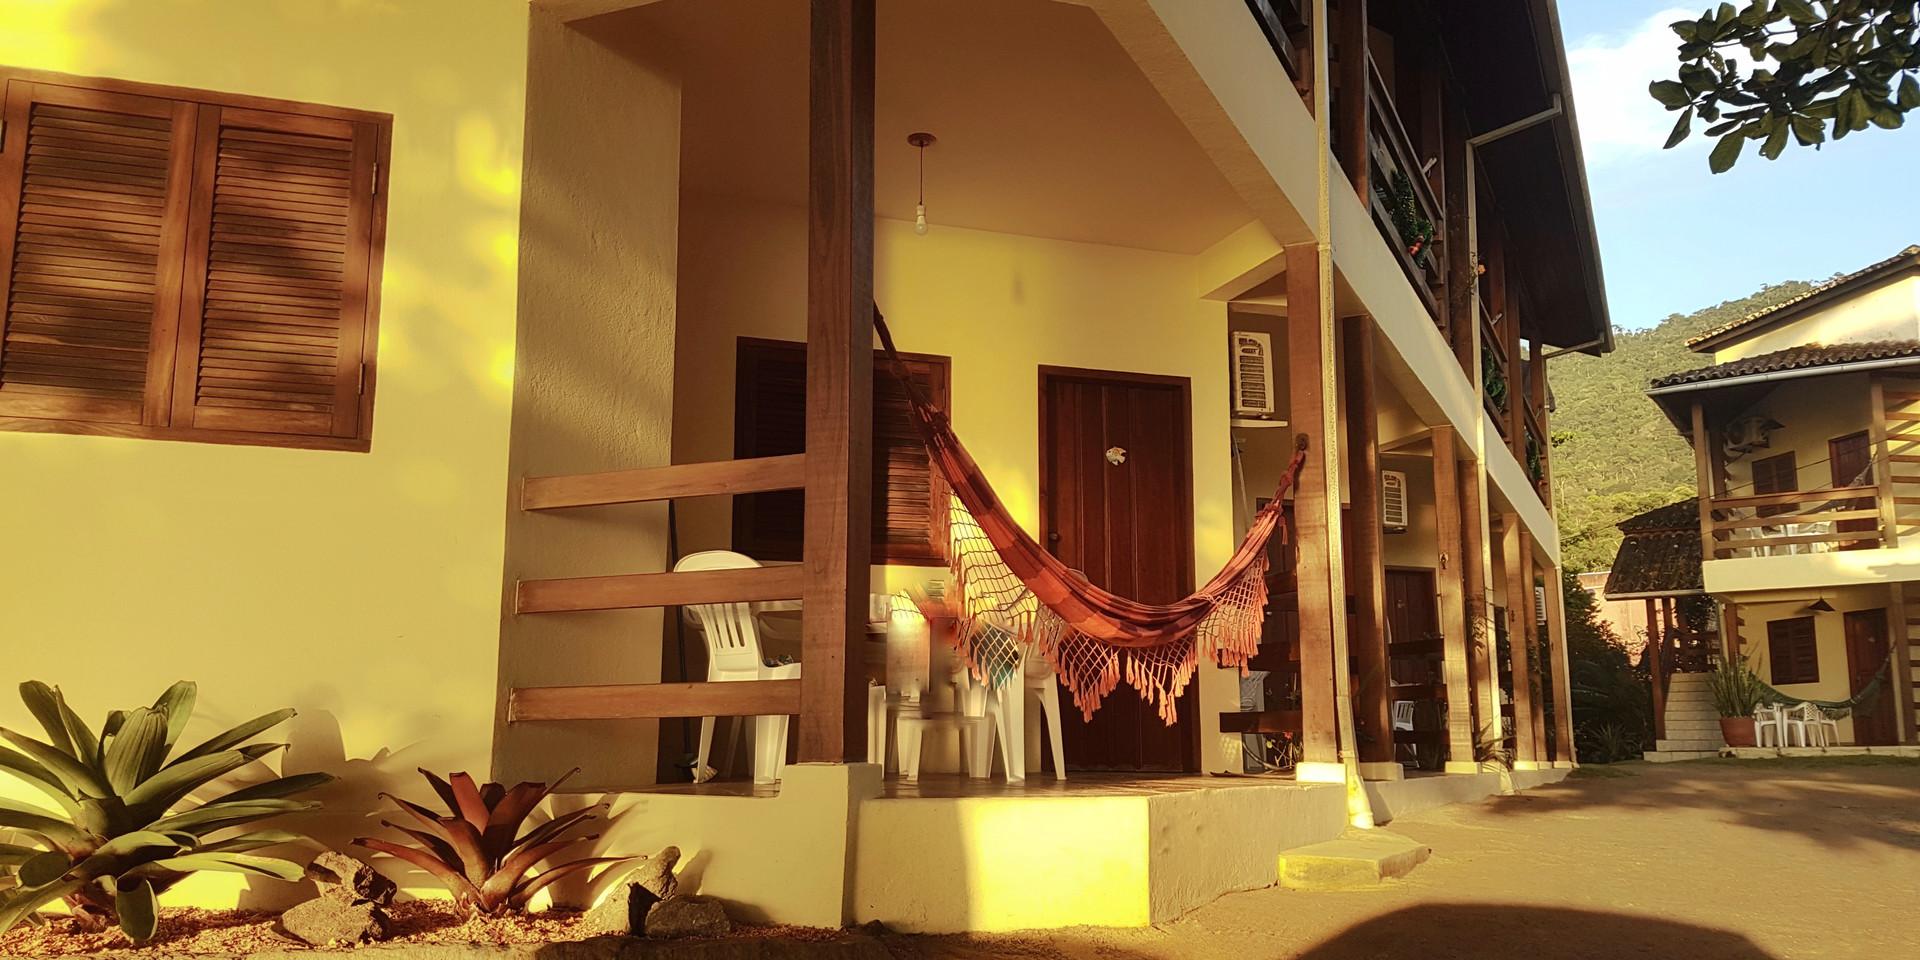 Sol da manhã no prédio lateral.